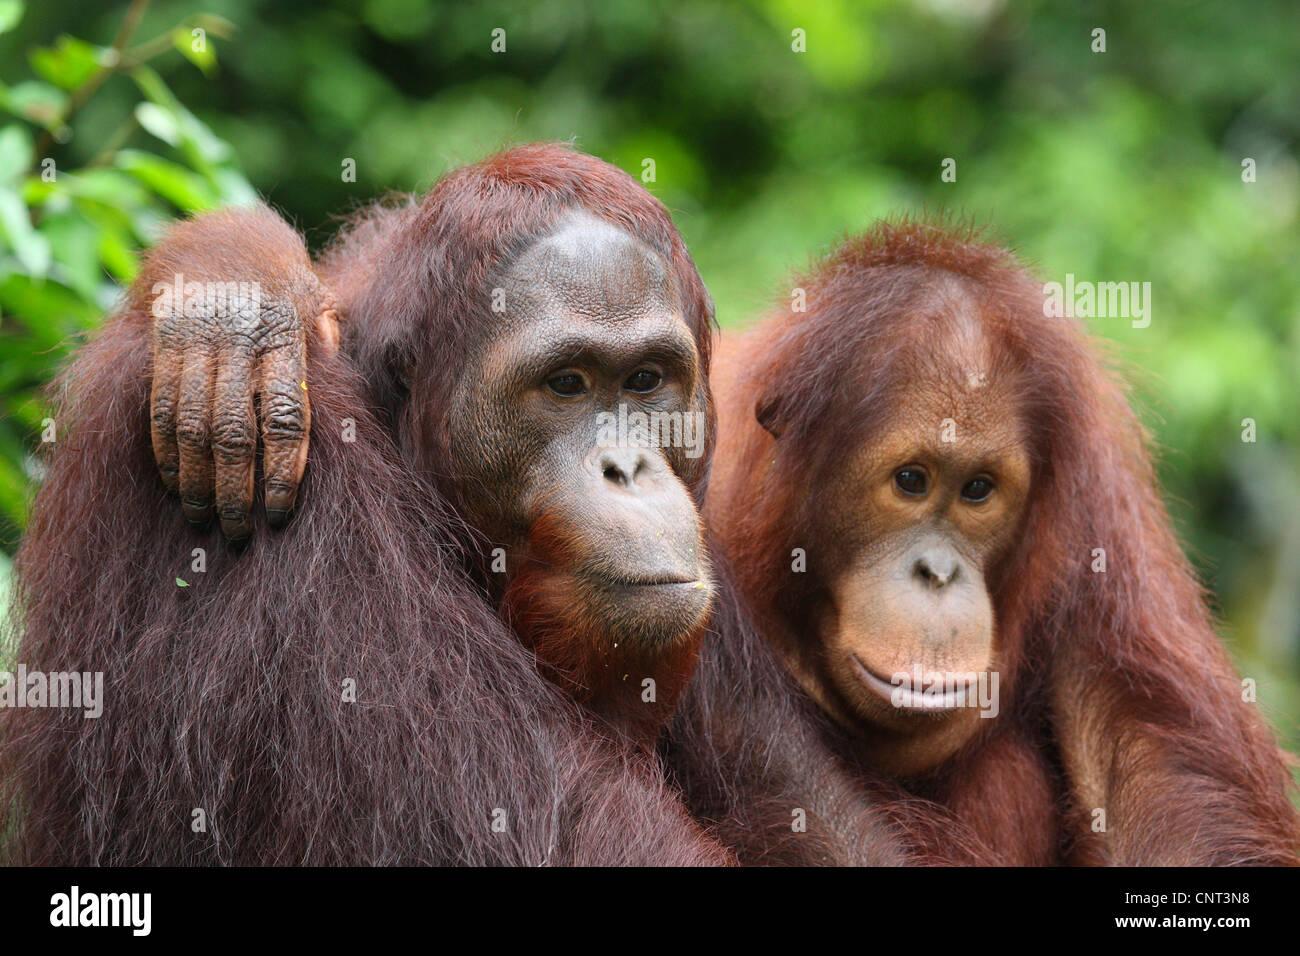 Orangután, orangután, orang-outang (Pongo pygmaeus), dos individuos abrazos Foto de stock